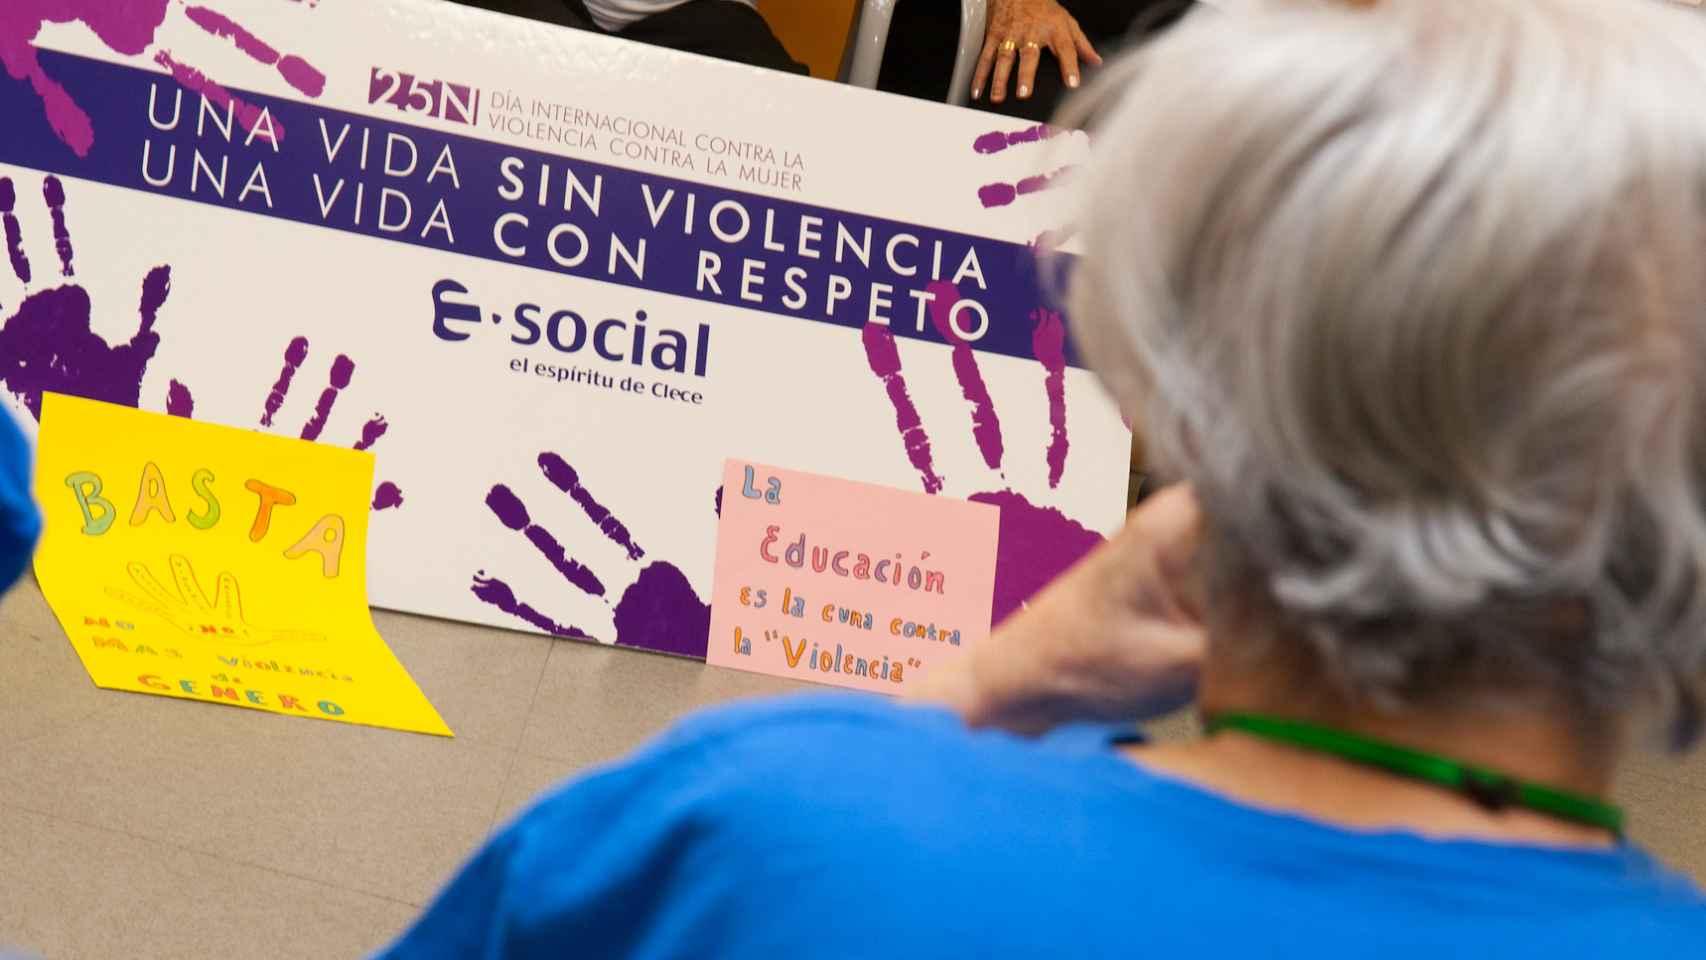 Una vida sin violencia. Una vida con respeto es el lema de la iniciativa.